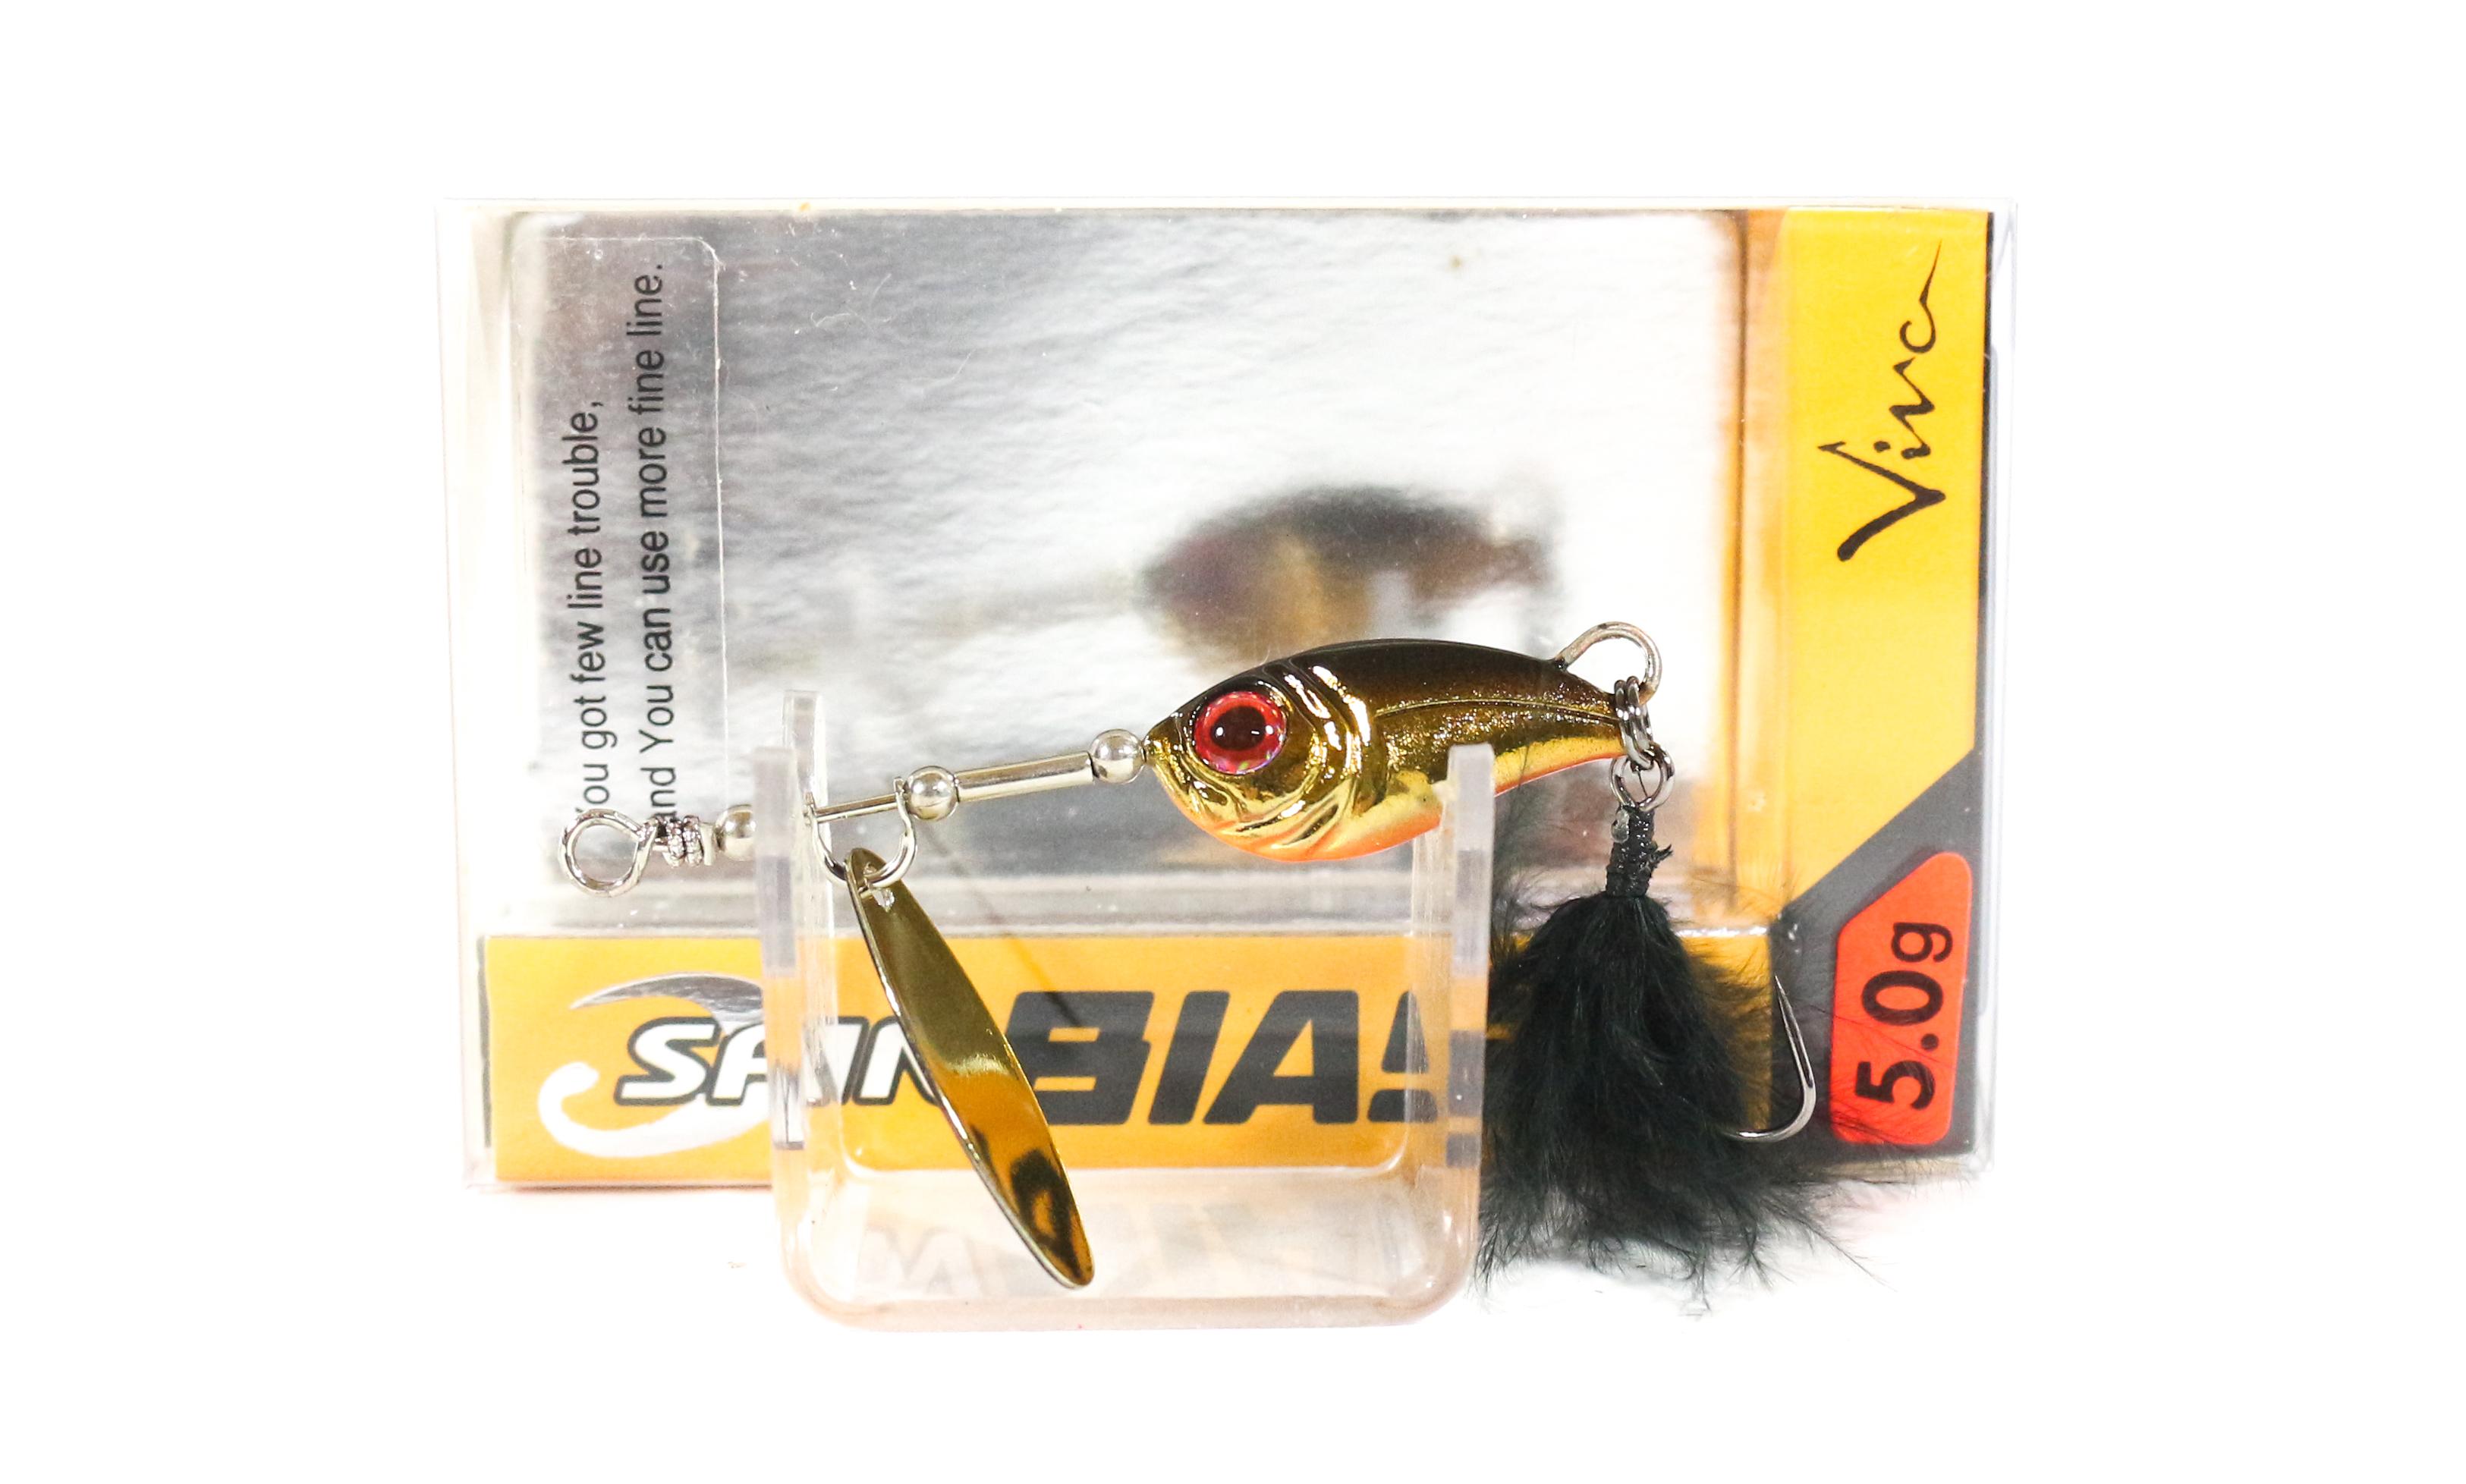 Viva Spin Bias 5 grams Spinner Bait Lure 4S (4037)